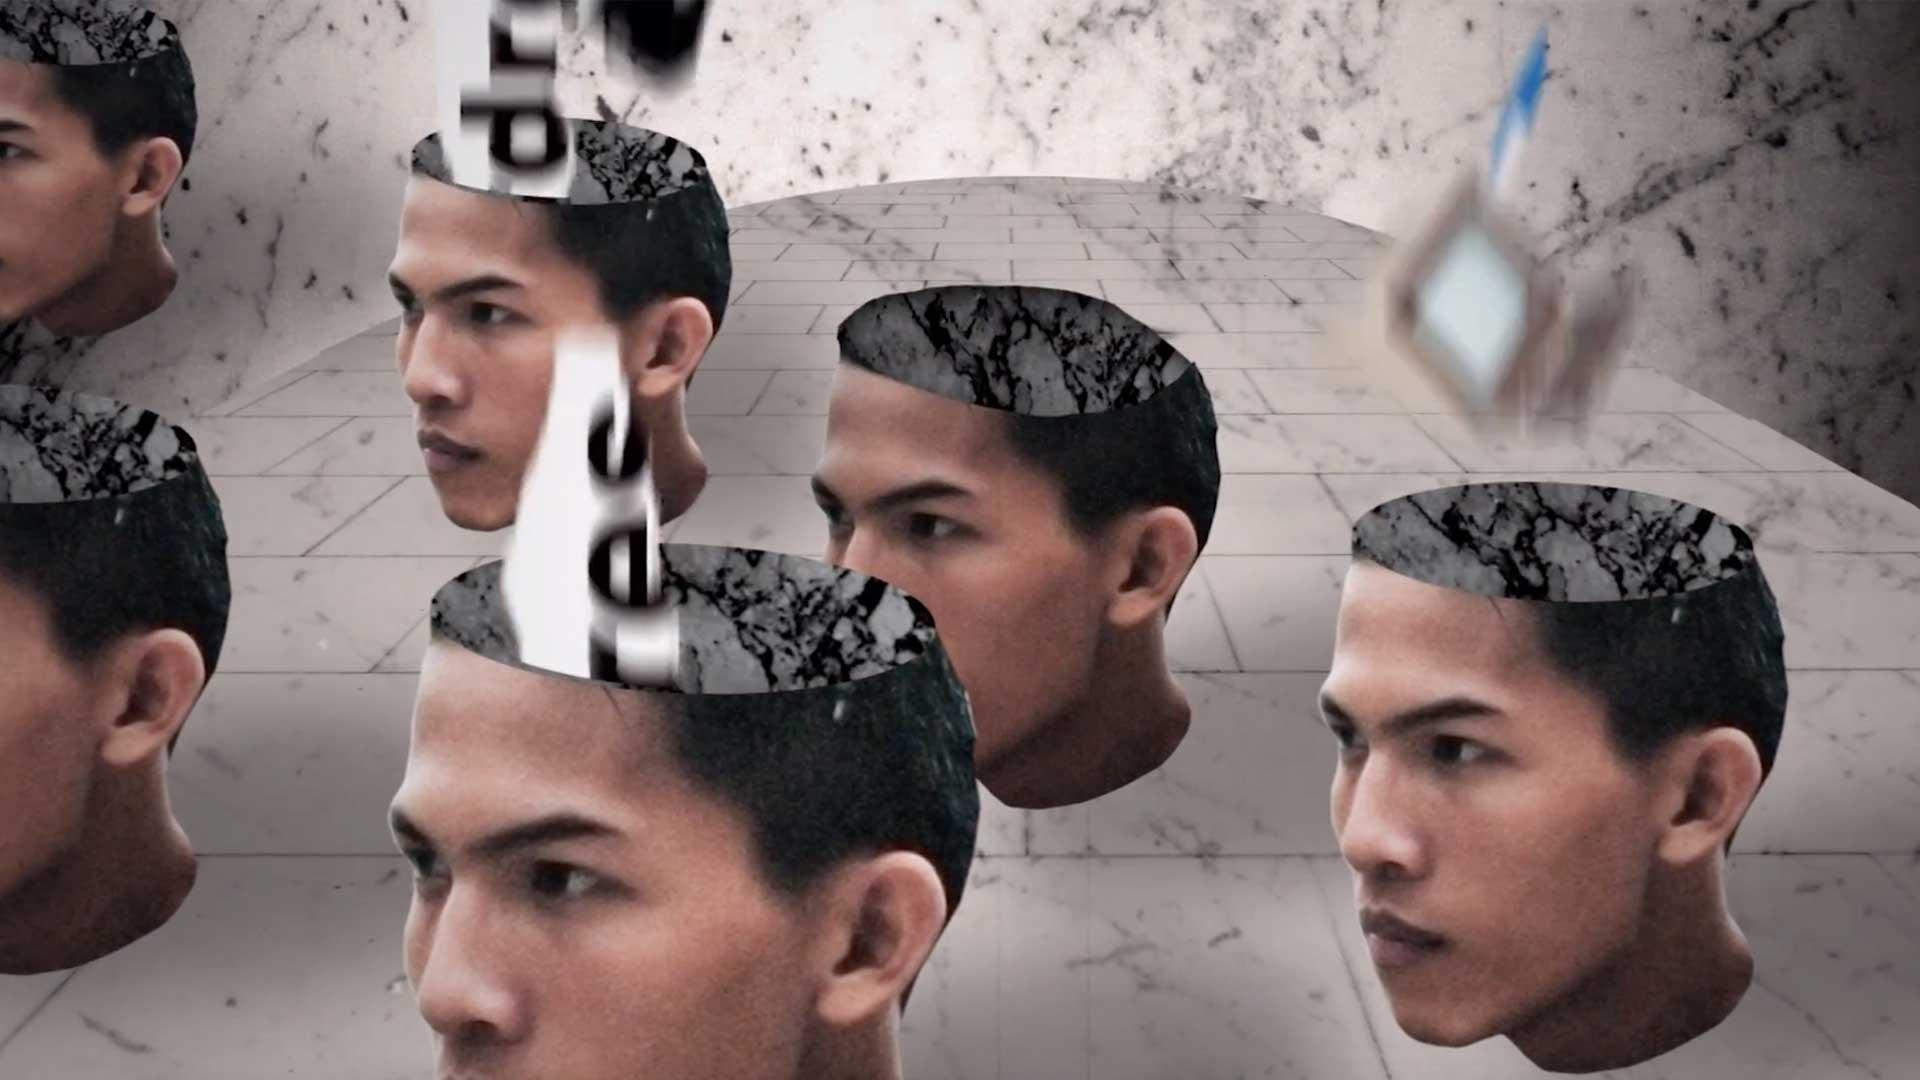 tête têtes cerveaux remplir apprendre bourrage de crâne étudier